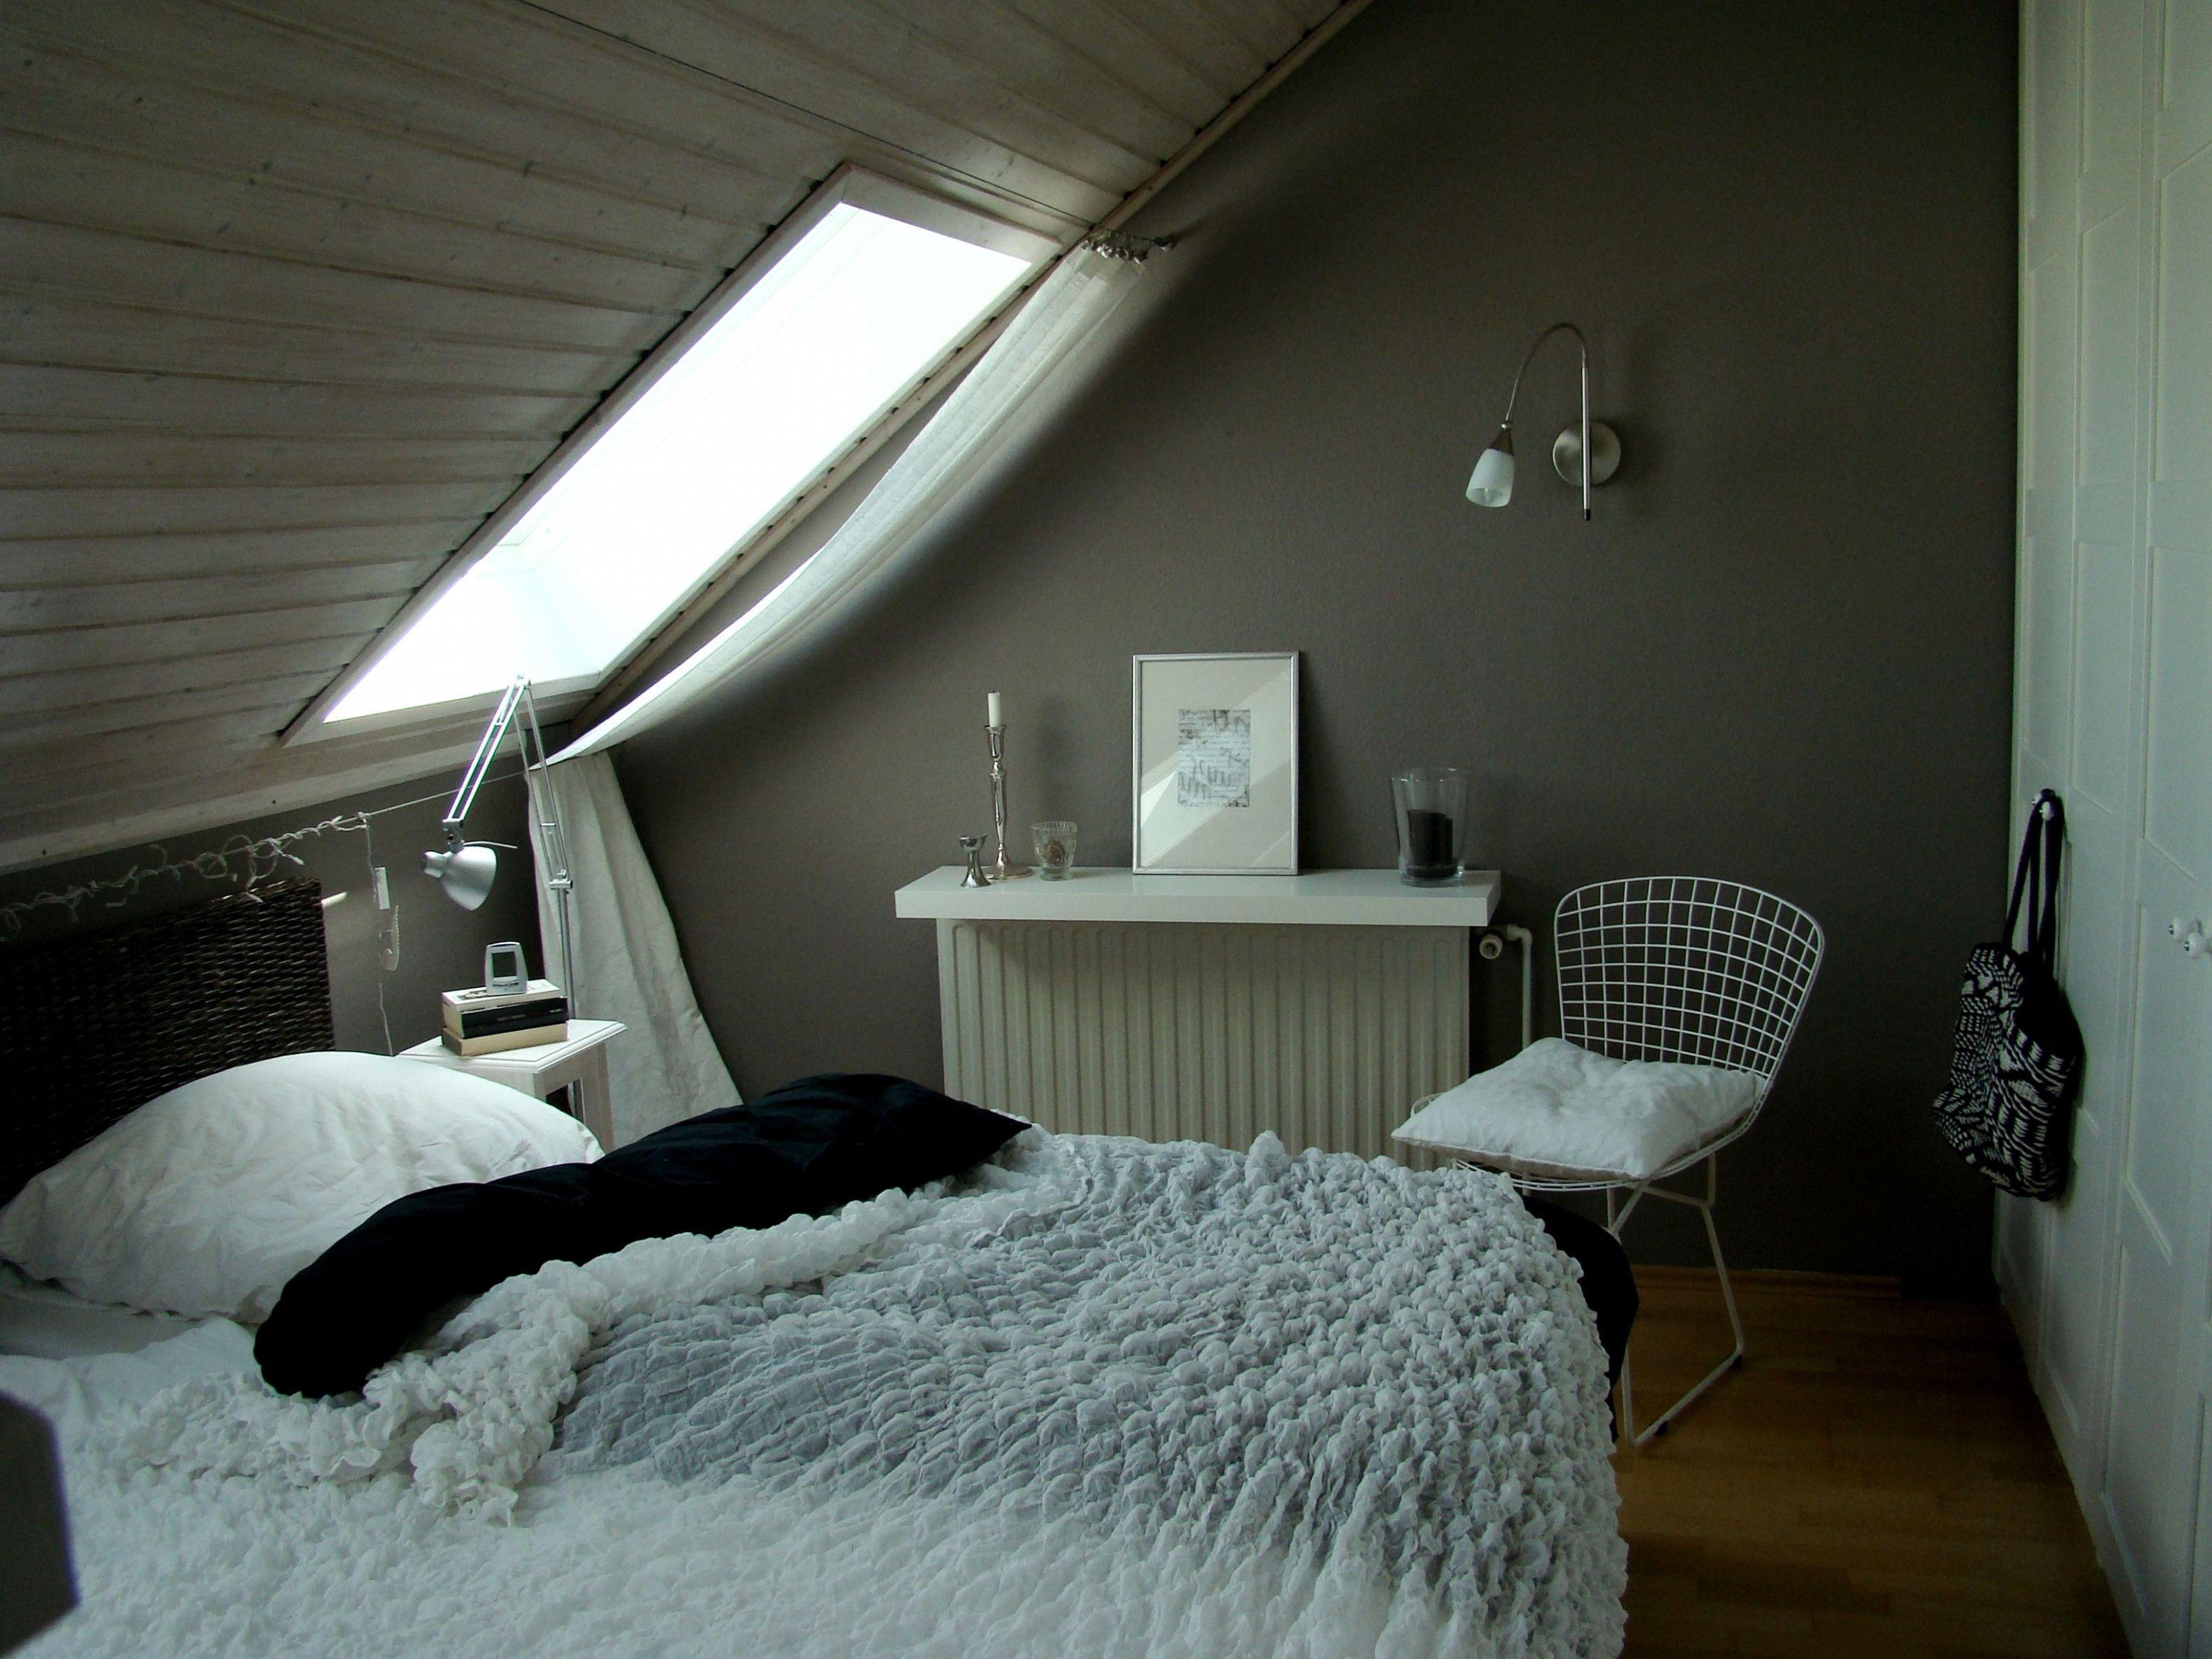 Funf Aktuelle Tipps Die Sie Beim Besuch Von S Schlafzimmer